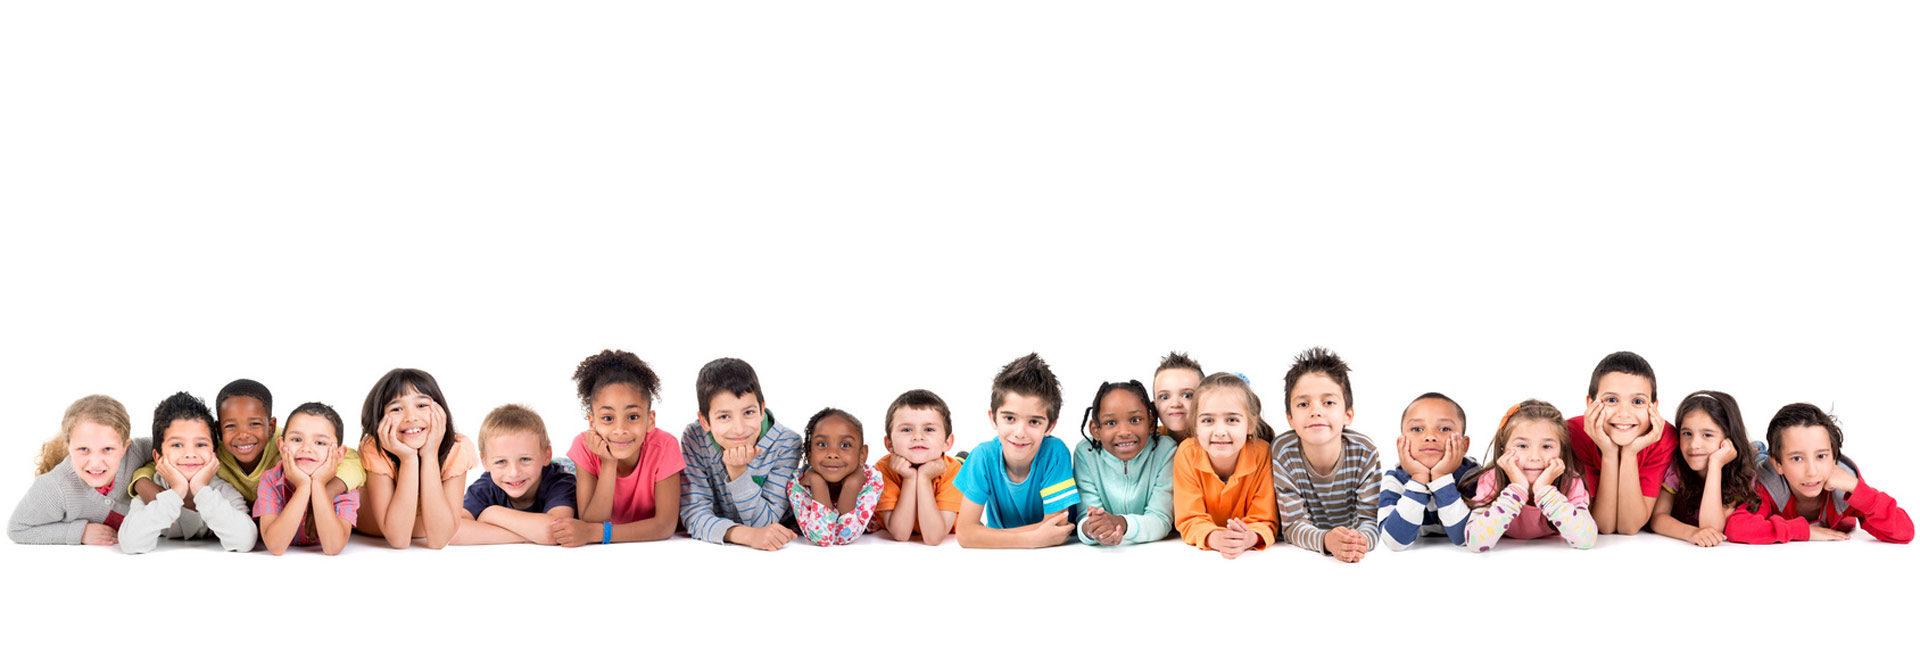 Grundschulkinder - Lernen mit Spaß